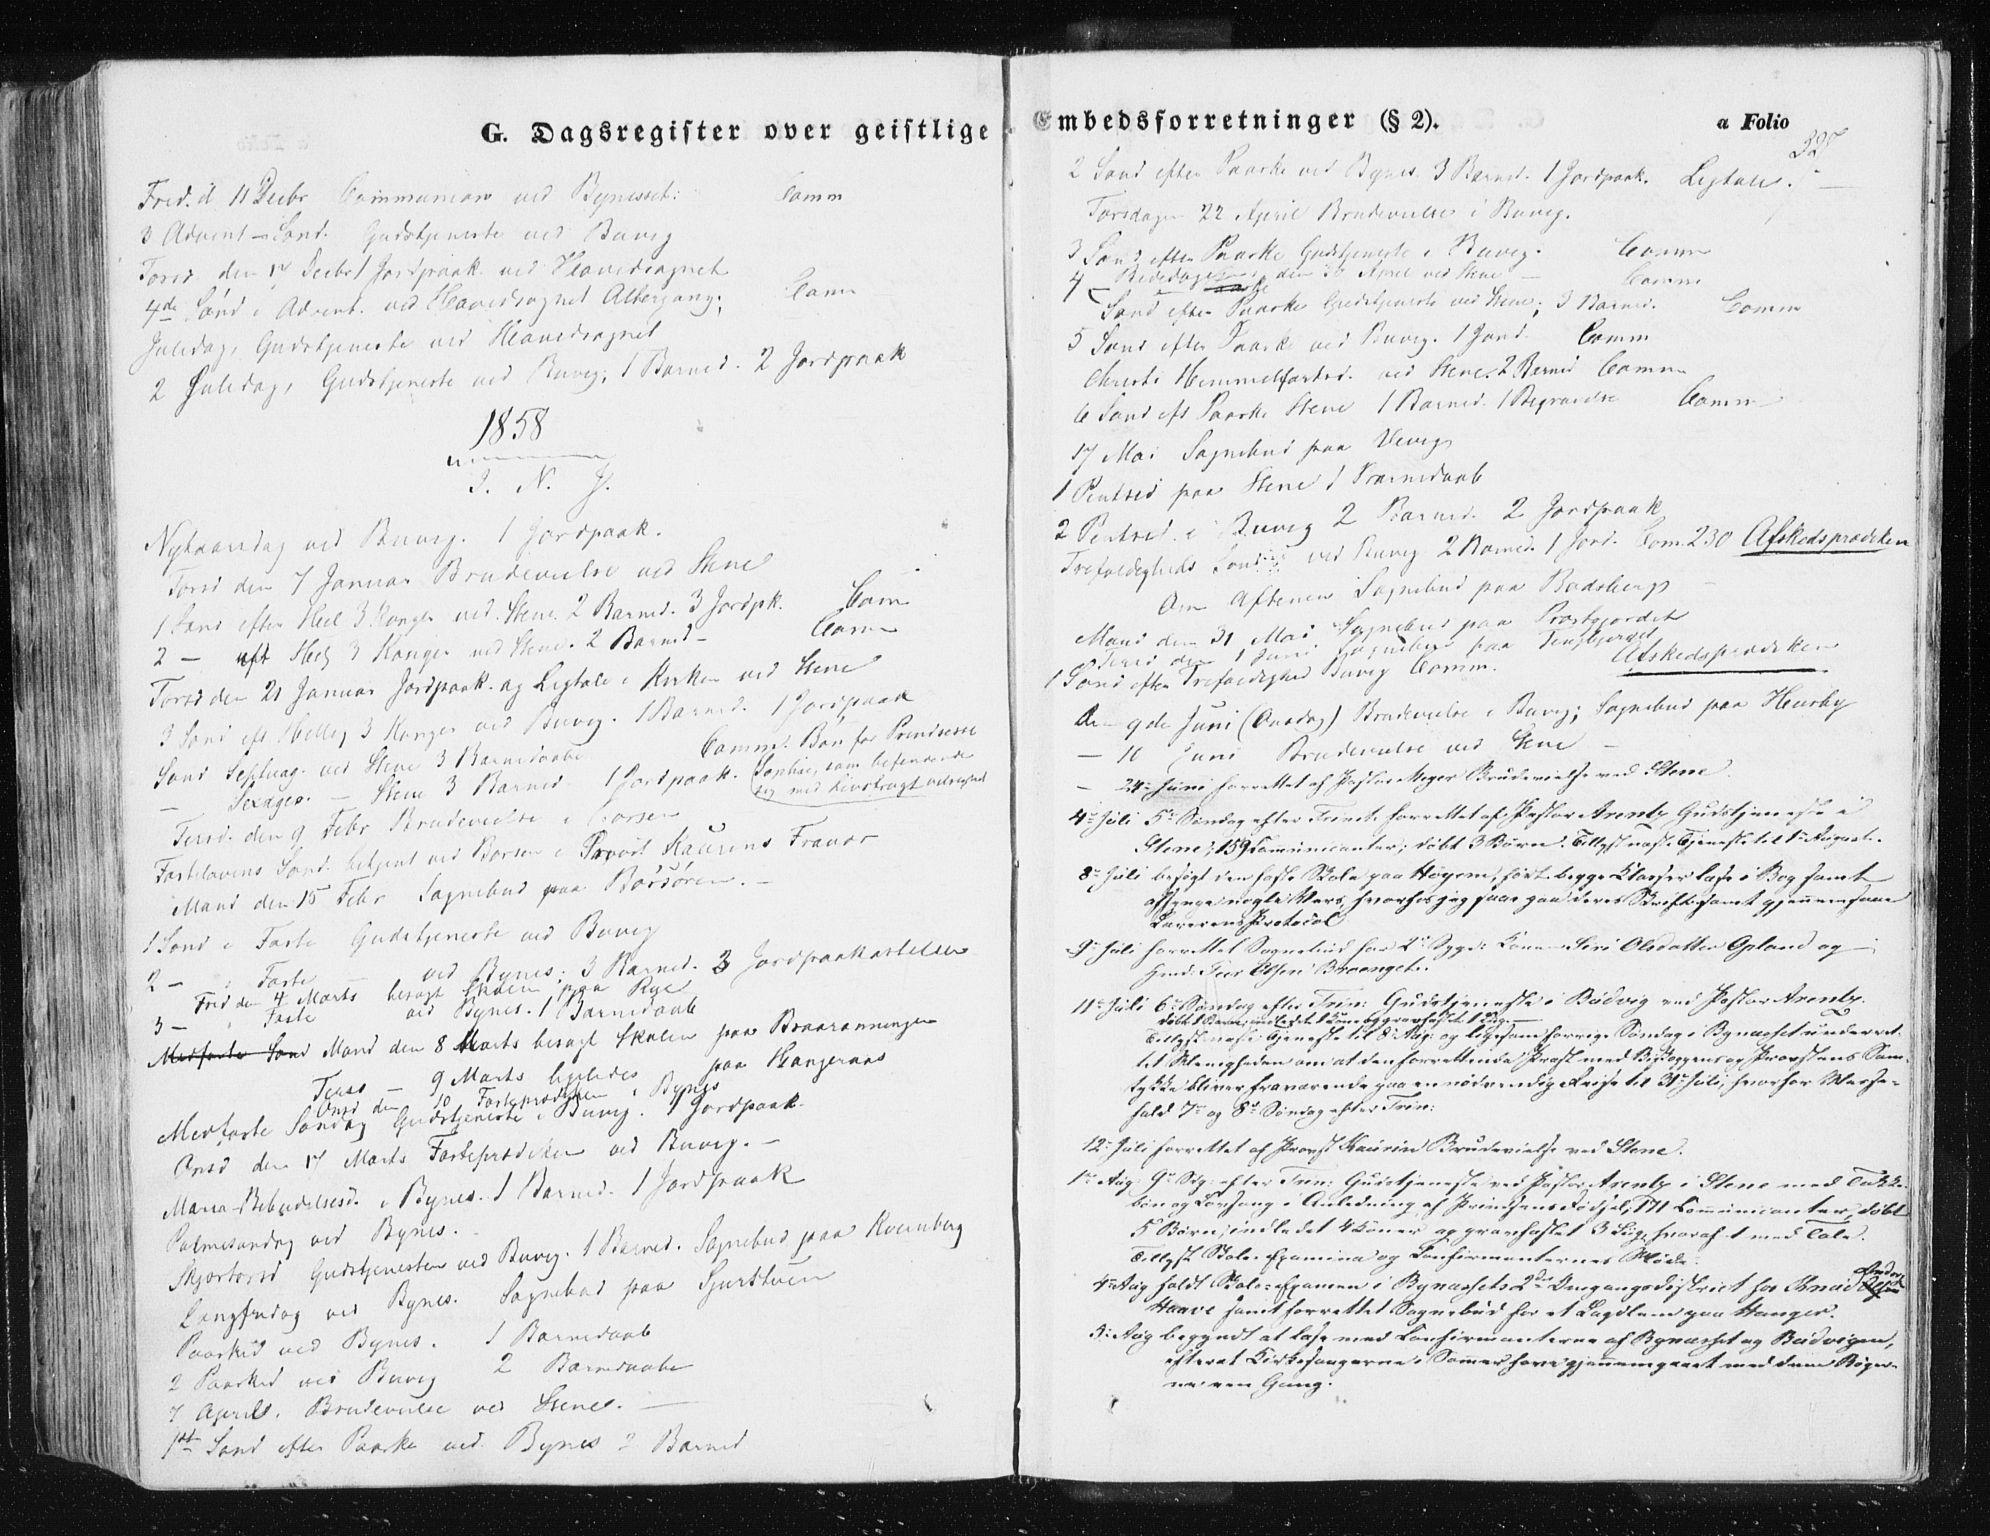 SAT, Ministerialprotokoller, klokkerbøker og fødselsregistre - Sør-Trøndelag, 612/L0376: Ministerialbok nr. 612A08, 1846-1859, s. 327